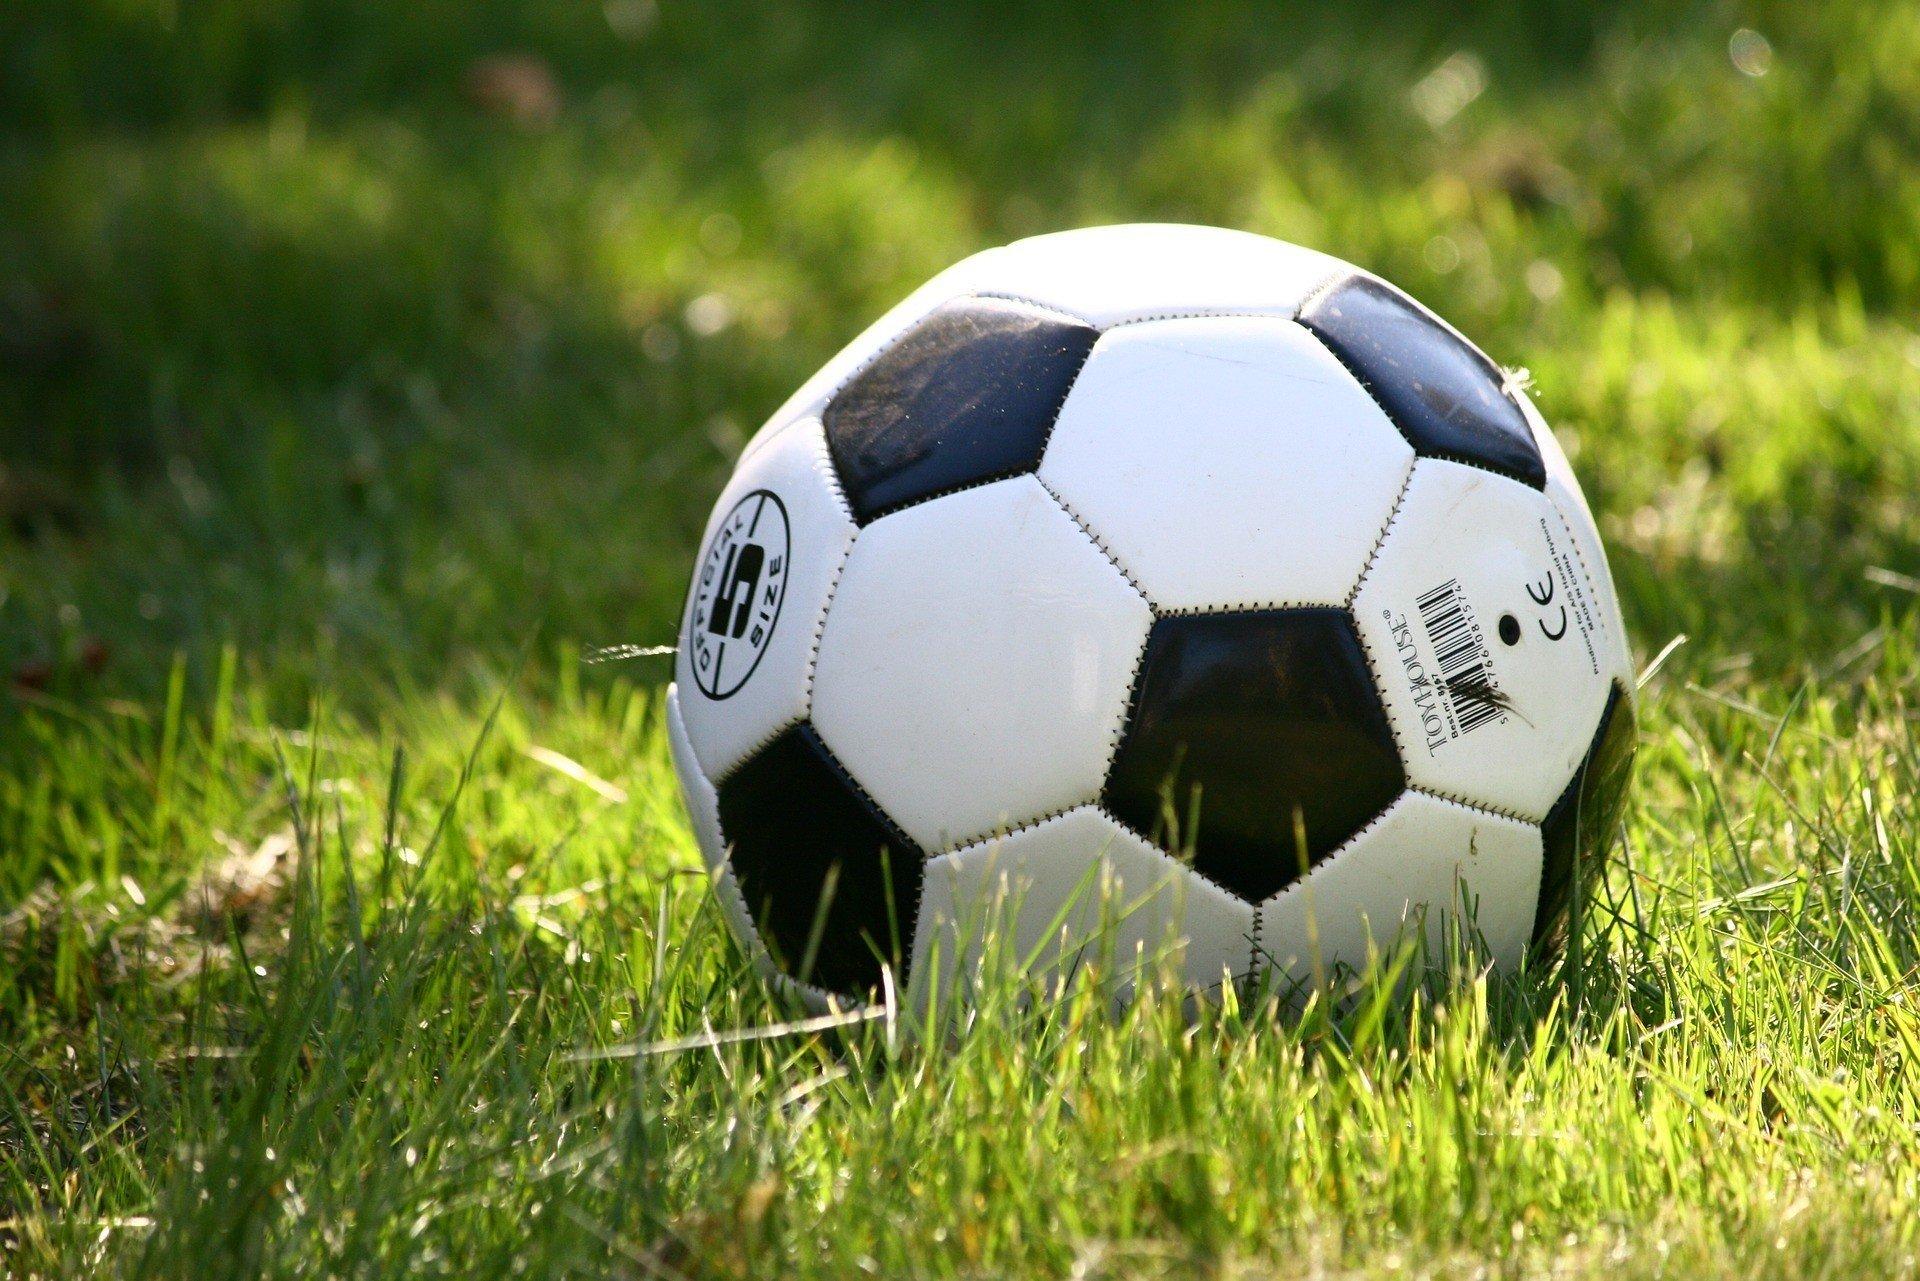 Лига чемпионов: определились все участники плей-офф